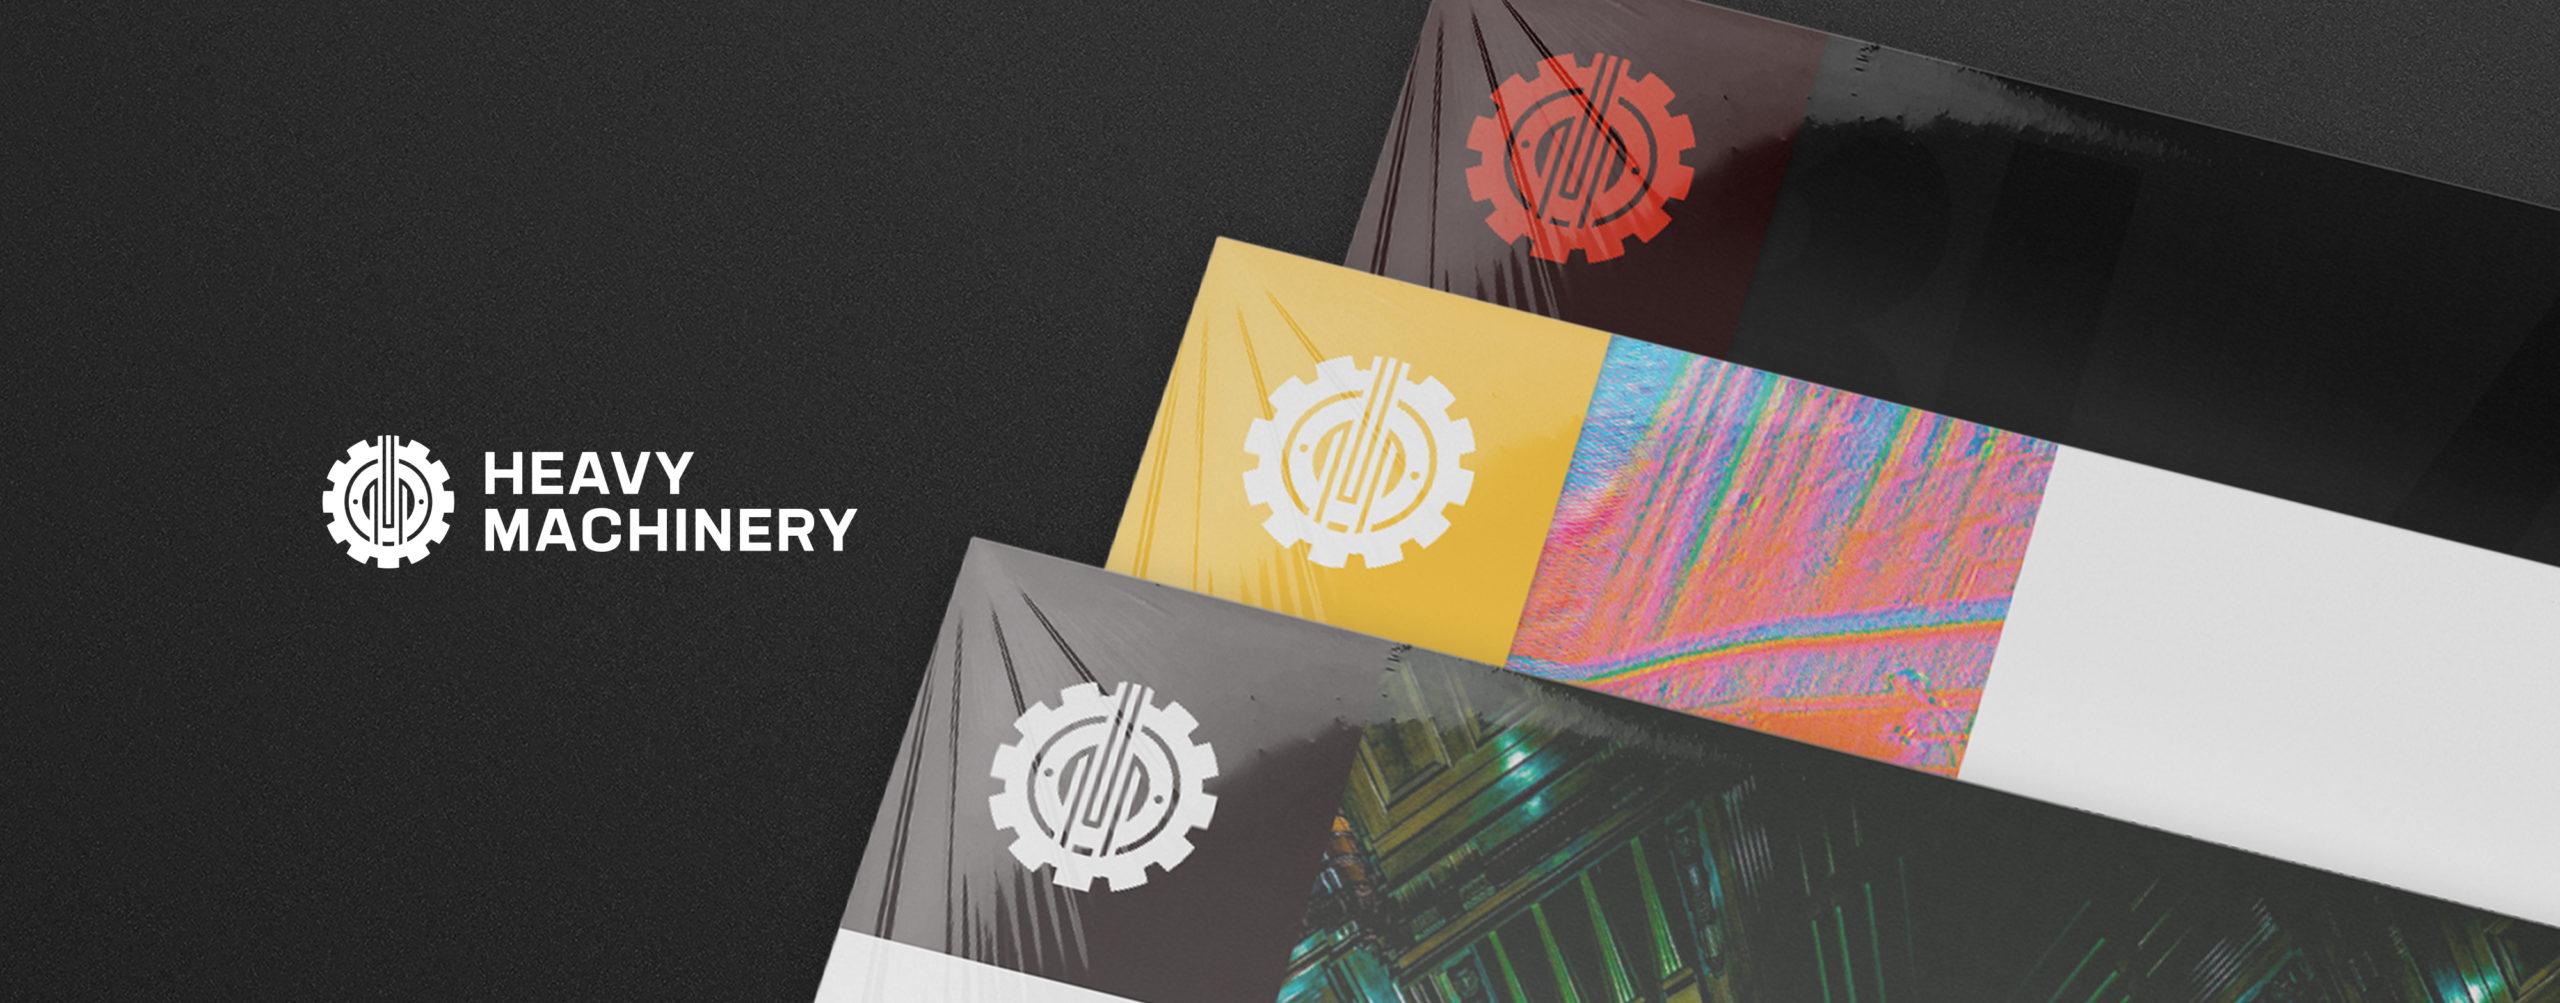 City of Melbourne Heavy Machinery Grand Organ Album Cover Record Design